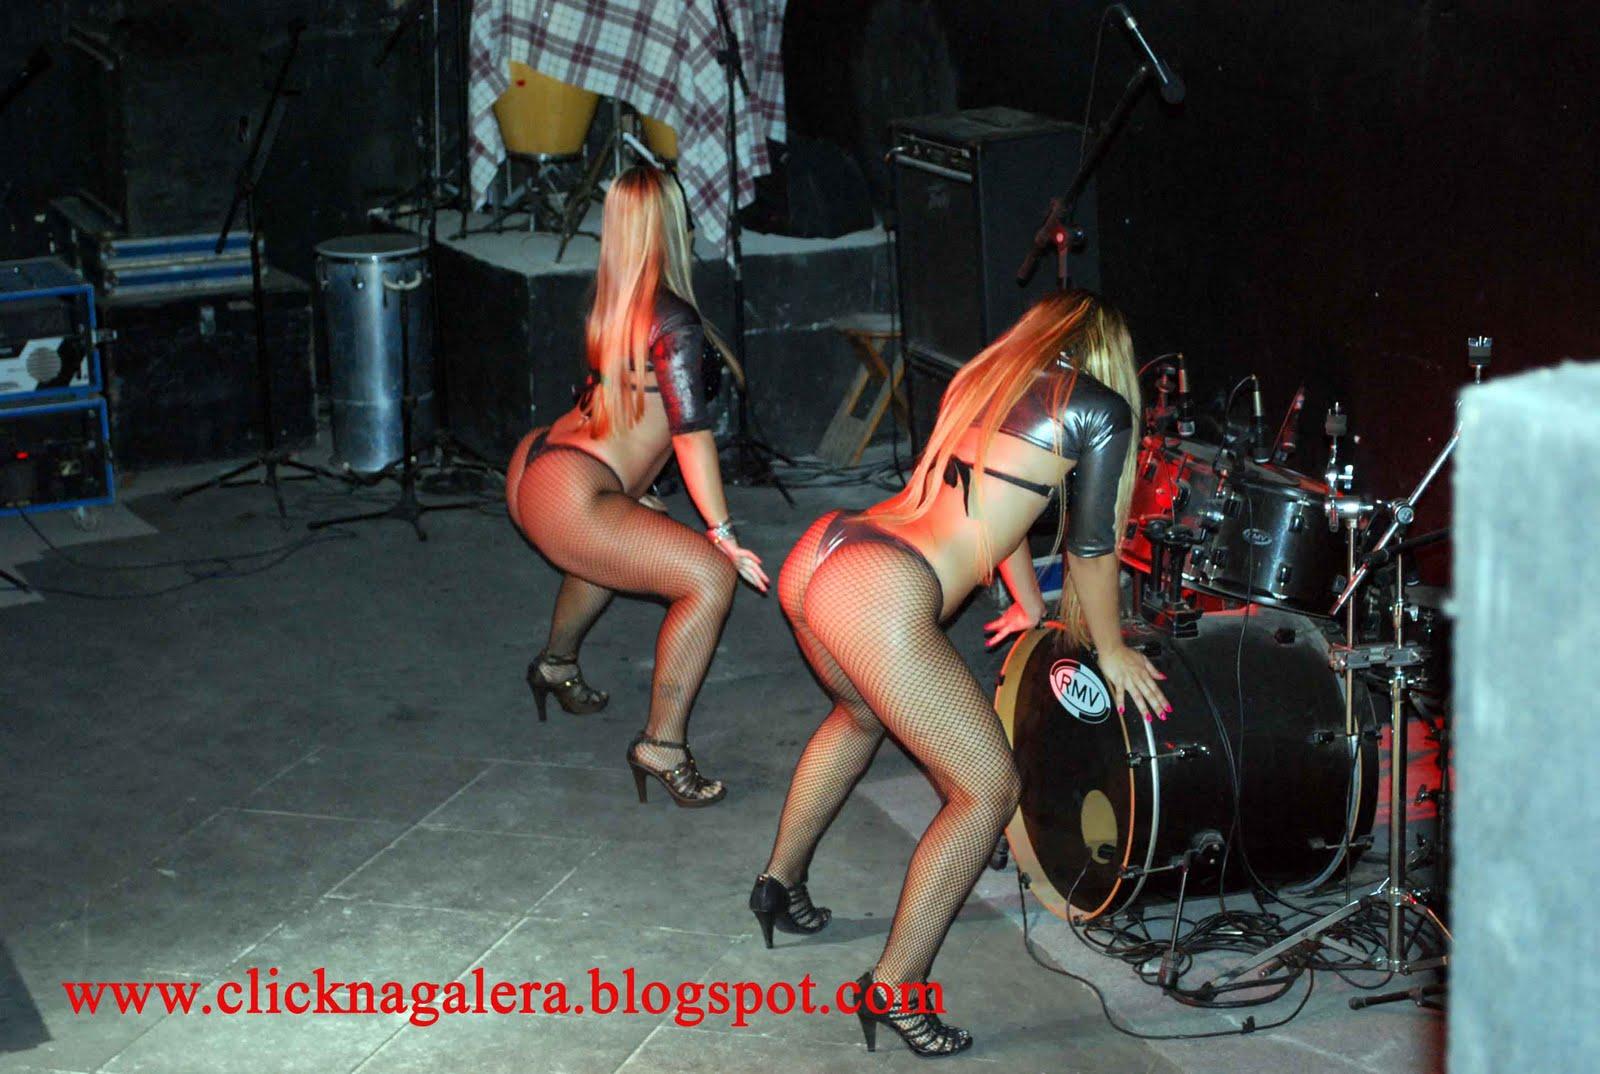 http://2.bp.blogspot.com/_BVZtSPJbtpI/TAUc87ZDcDI/AAAAAAAACl8/maQkgM3OVCM/s1600/37.jpg